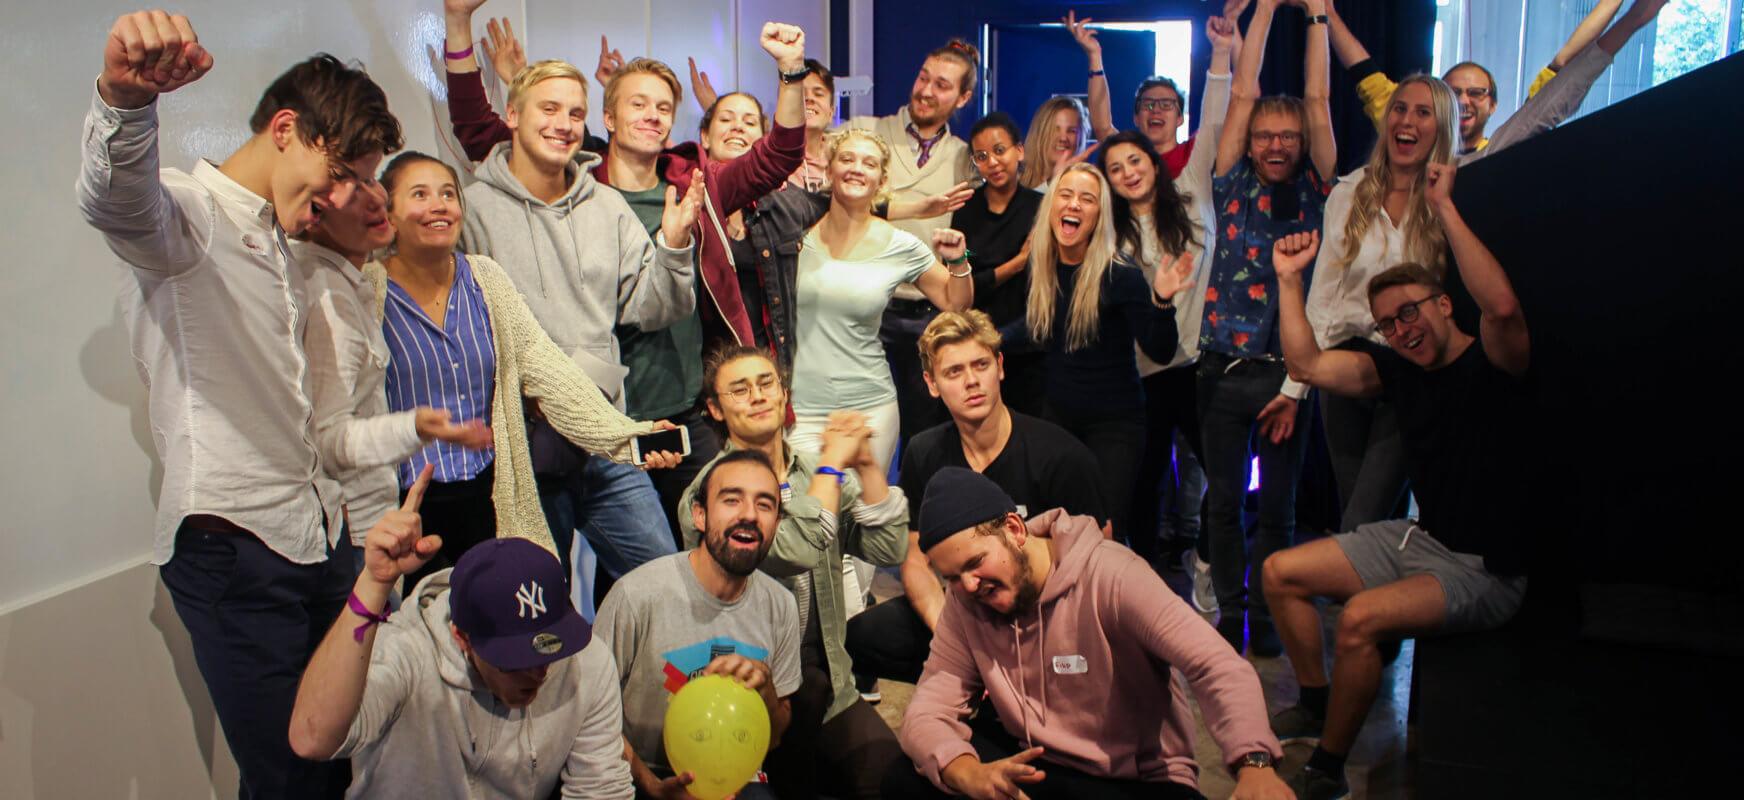 Bilden visar en grupp människor som jublar